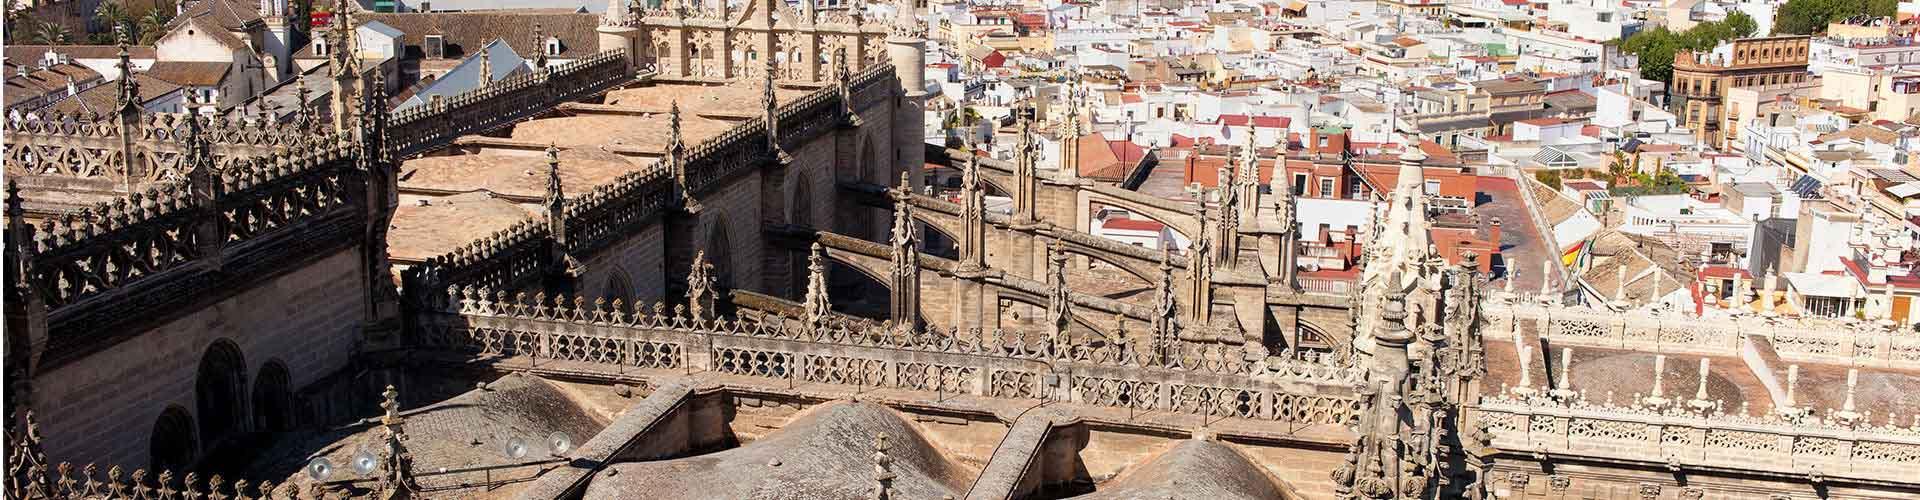 Sevilla - Hoteles baratos en el distrito El Arenal. Mapas de Sevilla, Fotos y comentarios de cada Hotel barato en Sevilla.